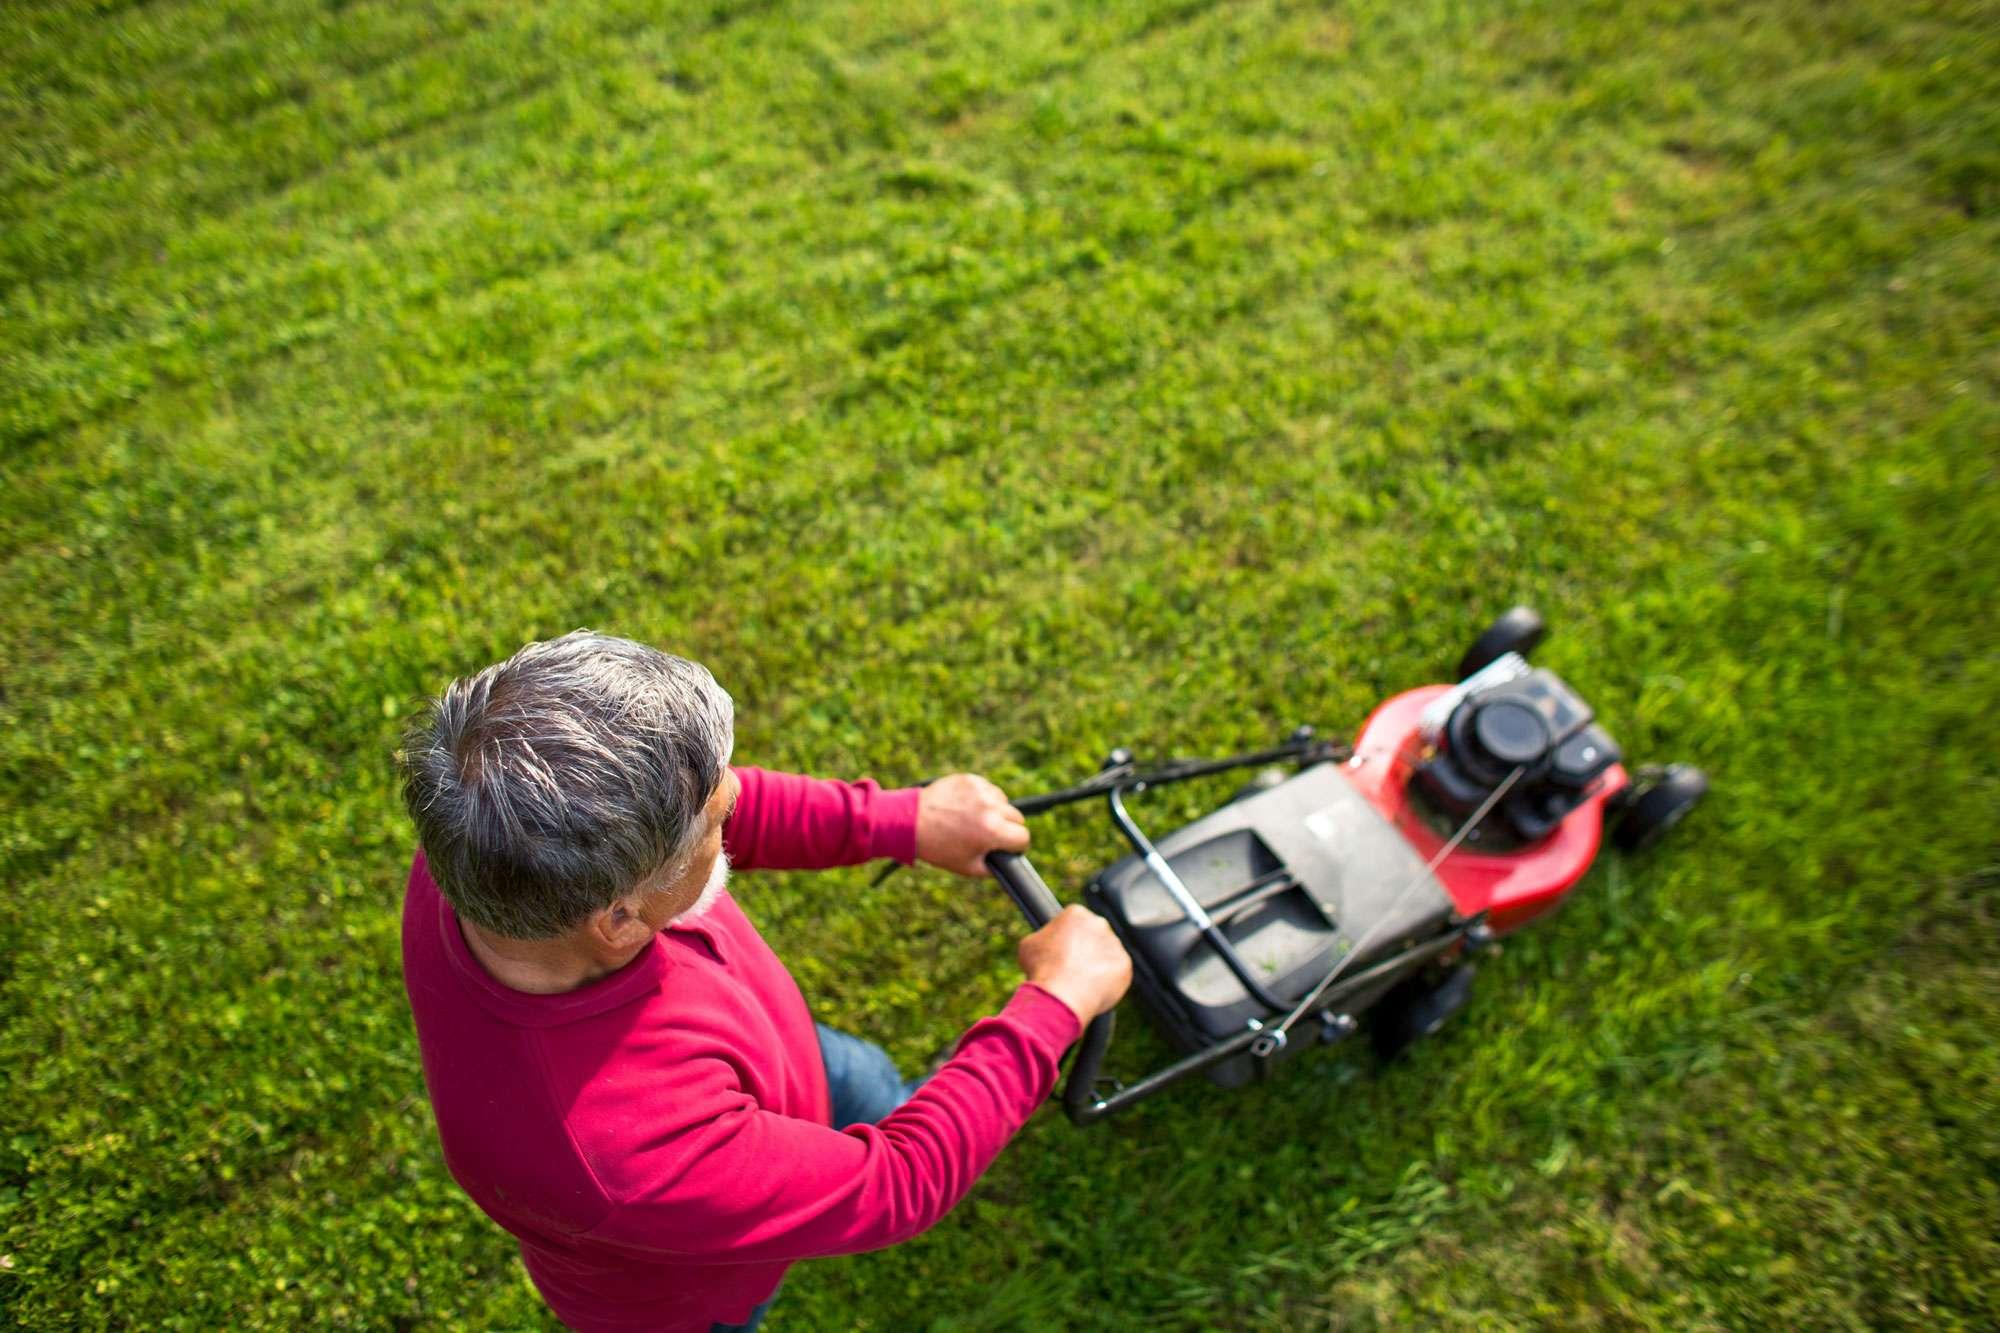 man-mowing-lawn-hero